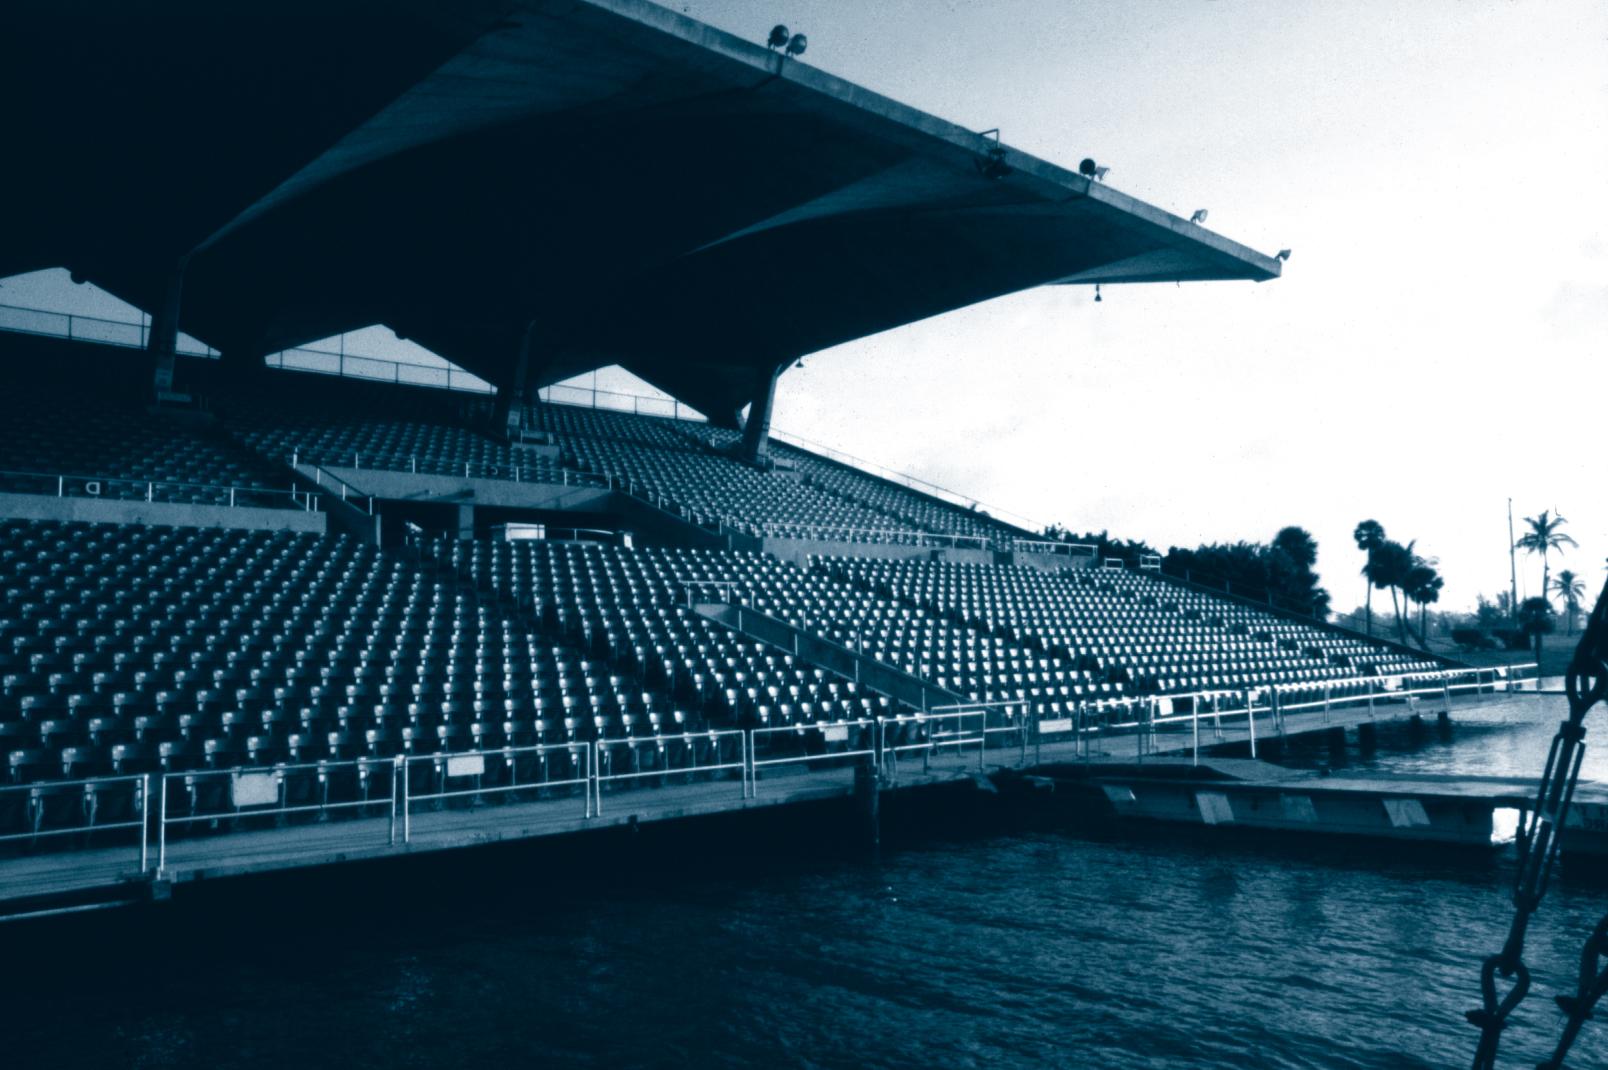 stadium game interior